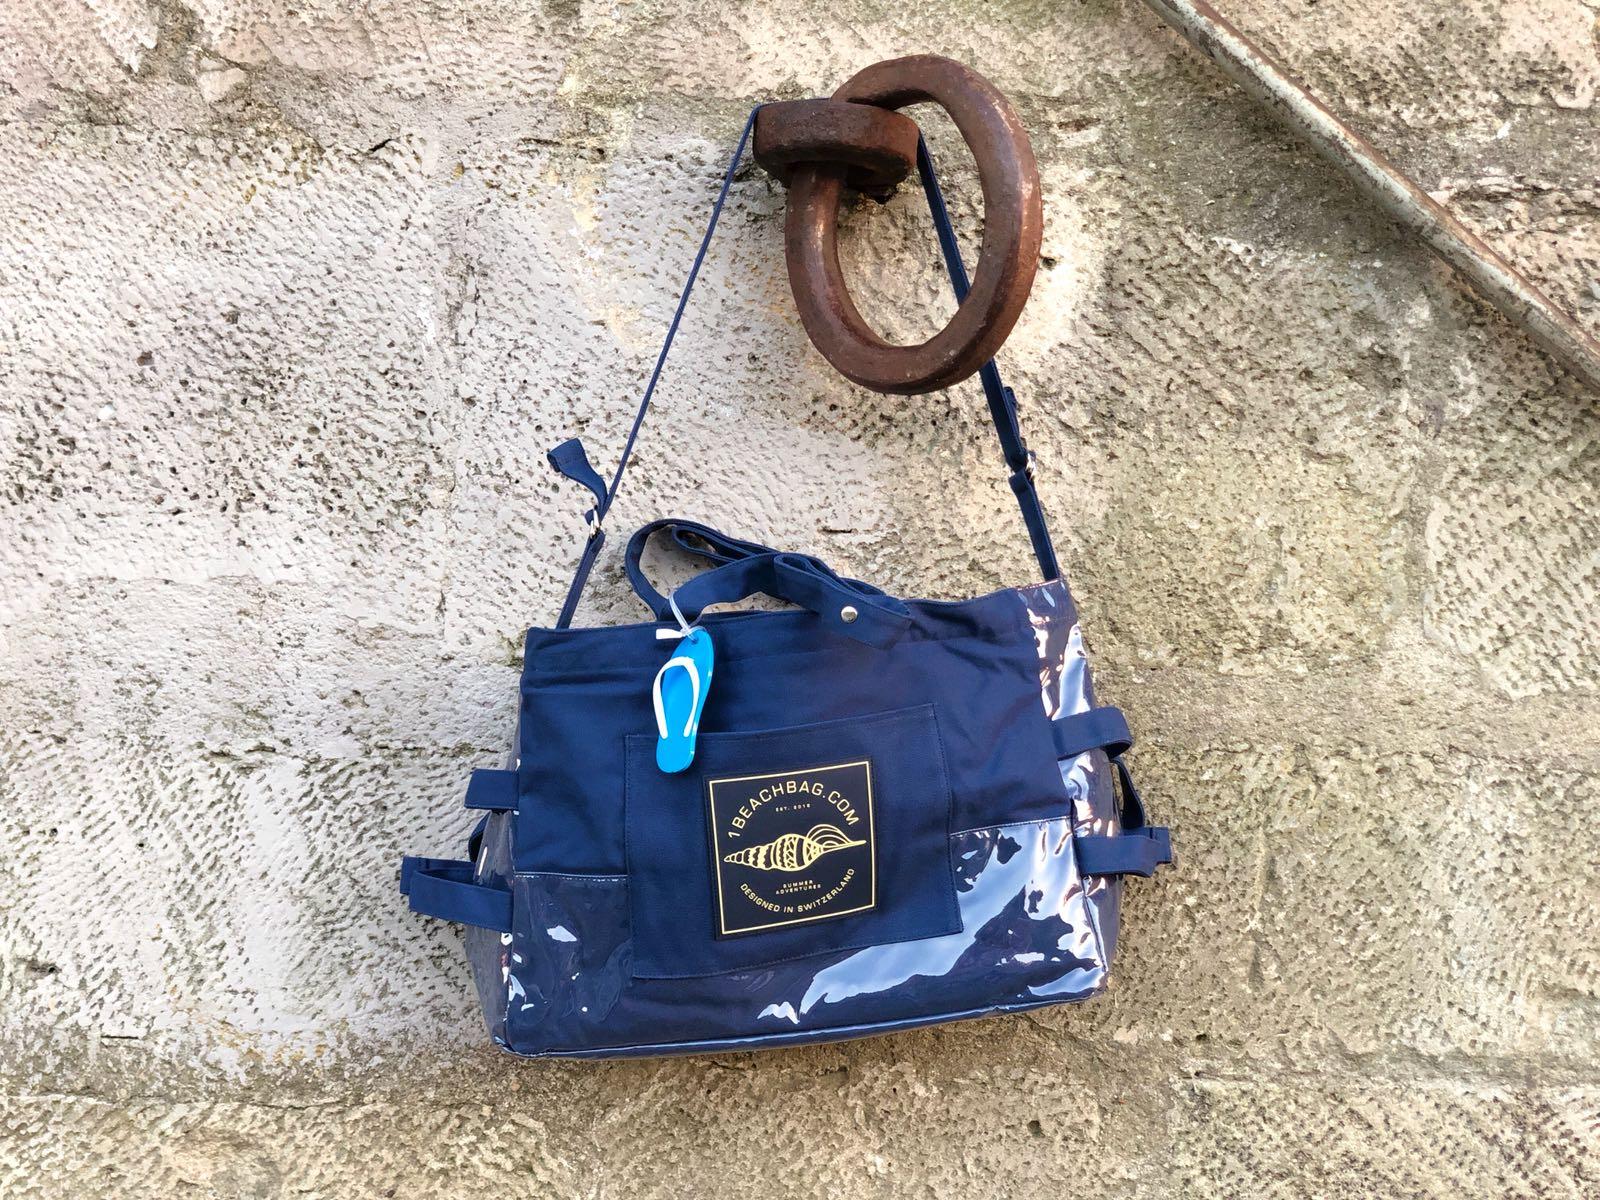 Edgard de vous sac hommes plage pour le L'élégant les 1Beachbag PEwX86